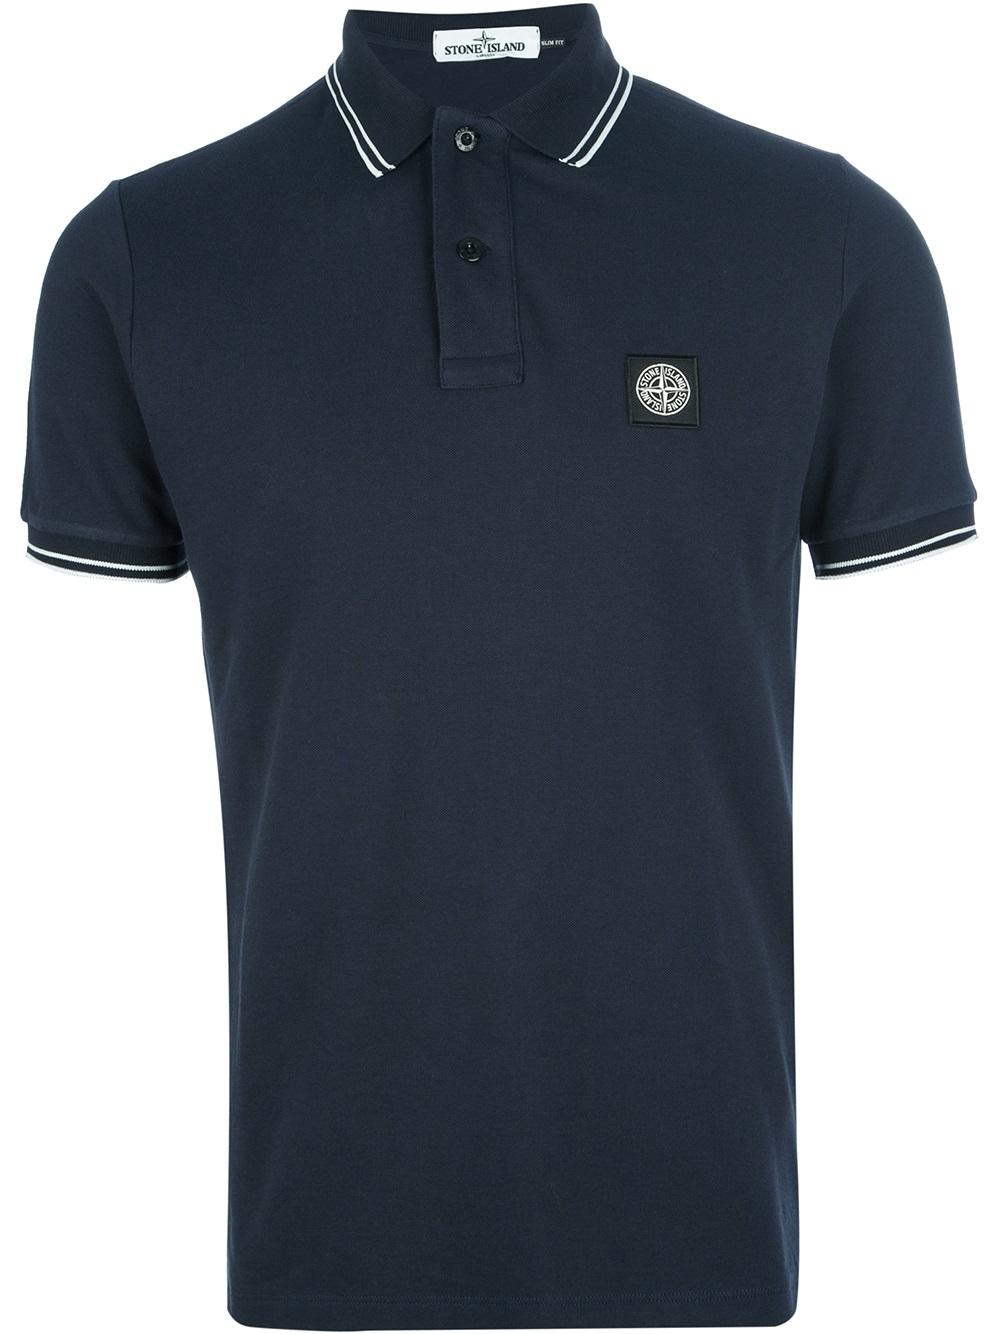 Stone Island Polo T-Shirt Navy